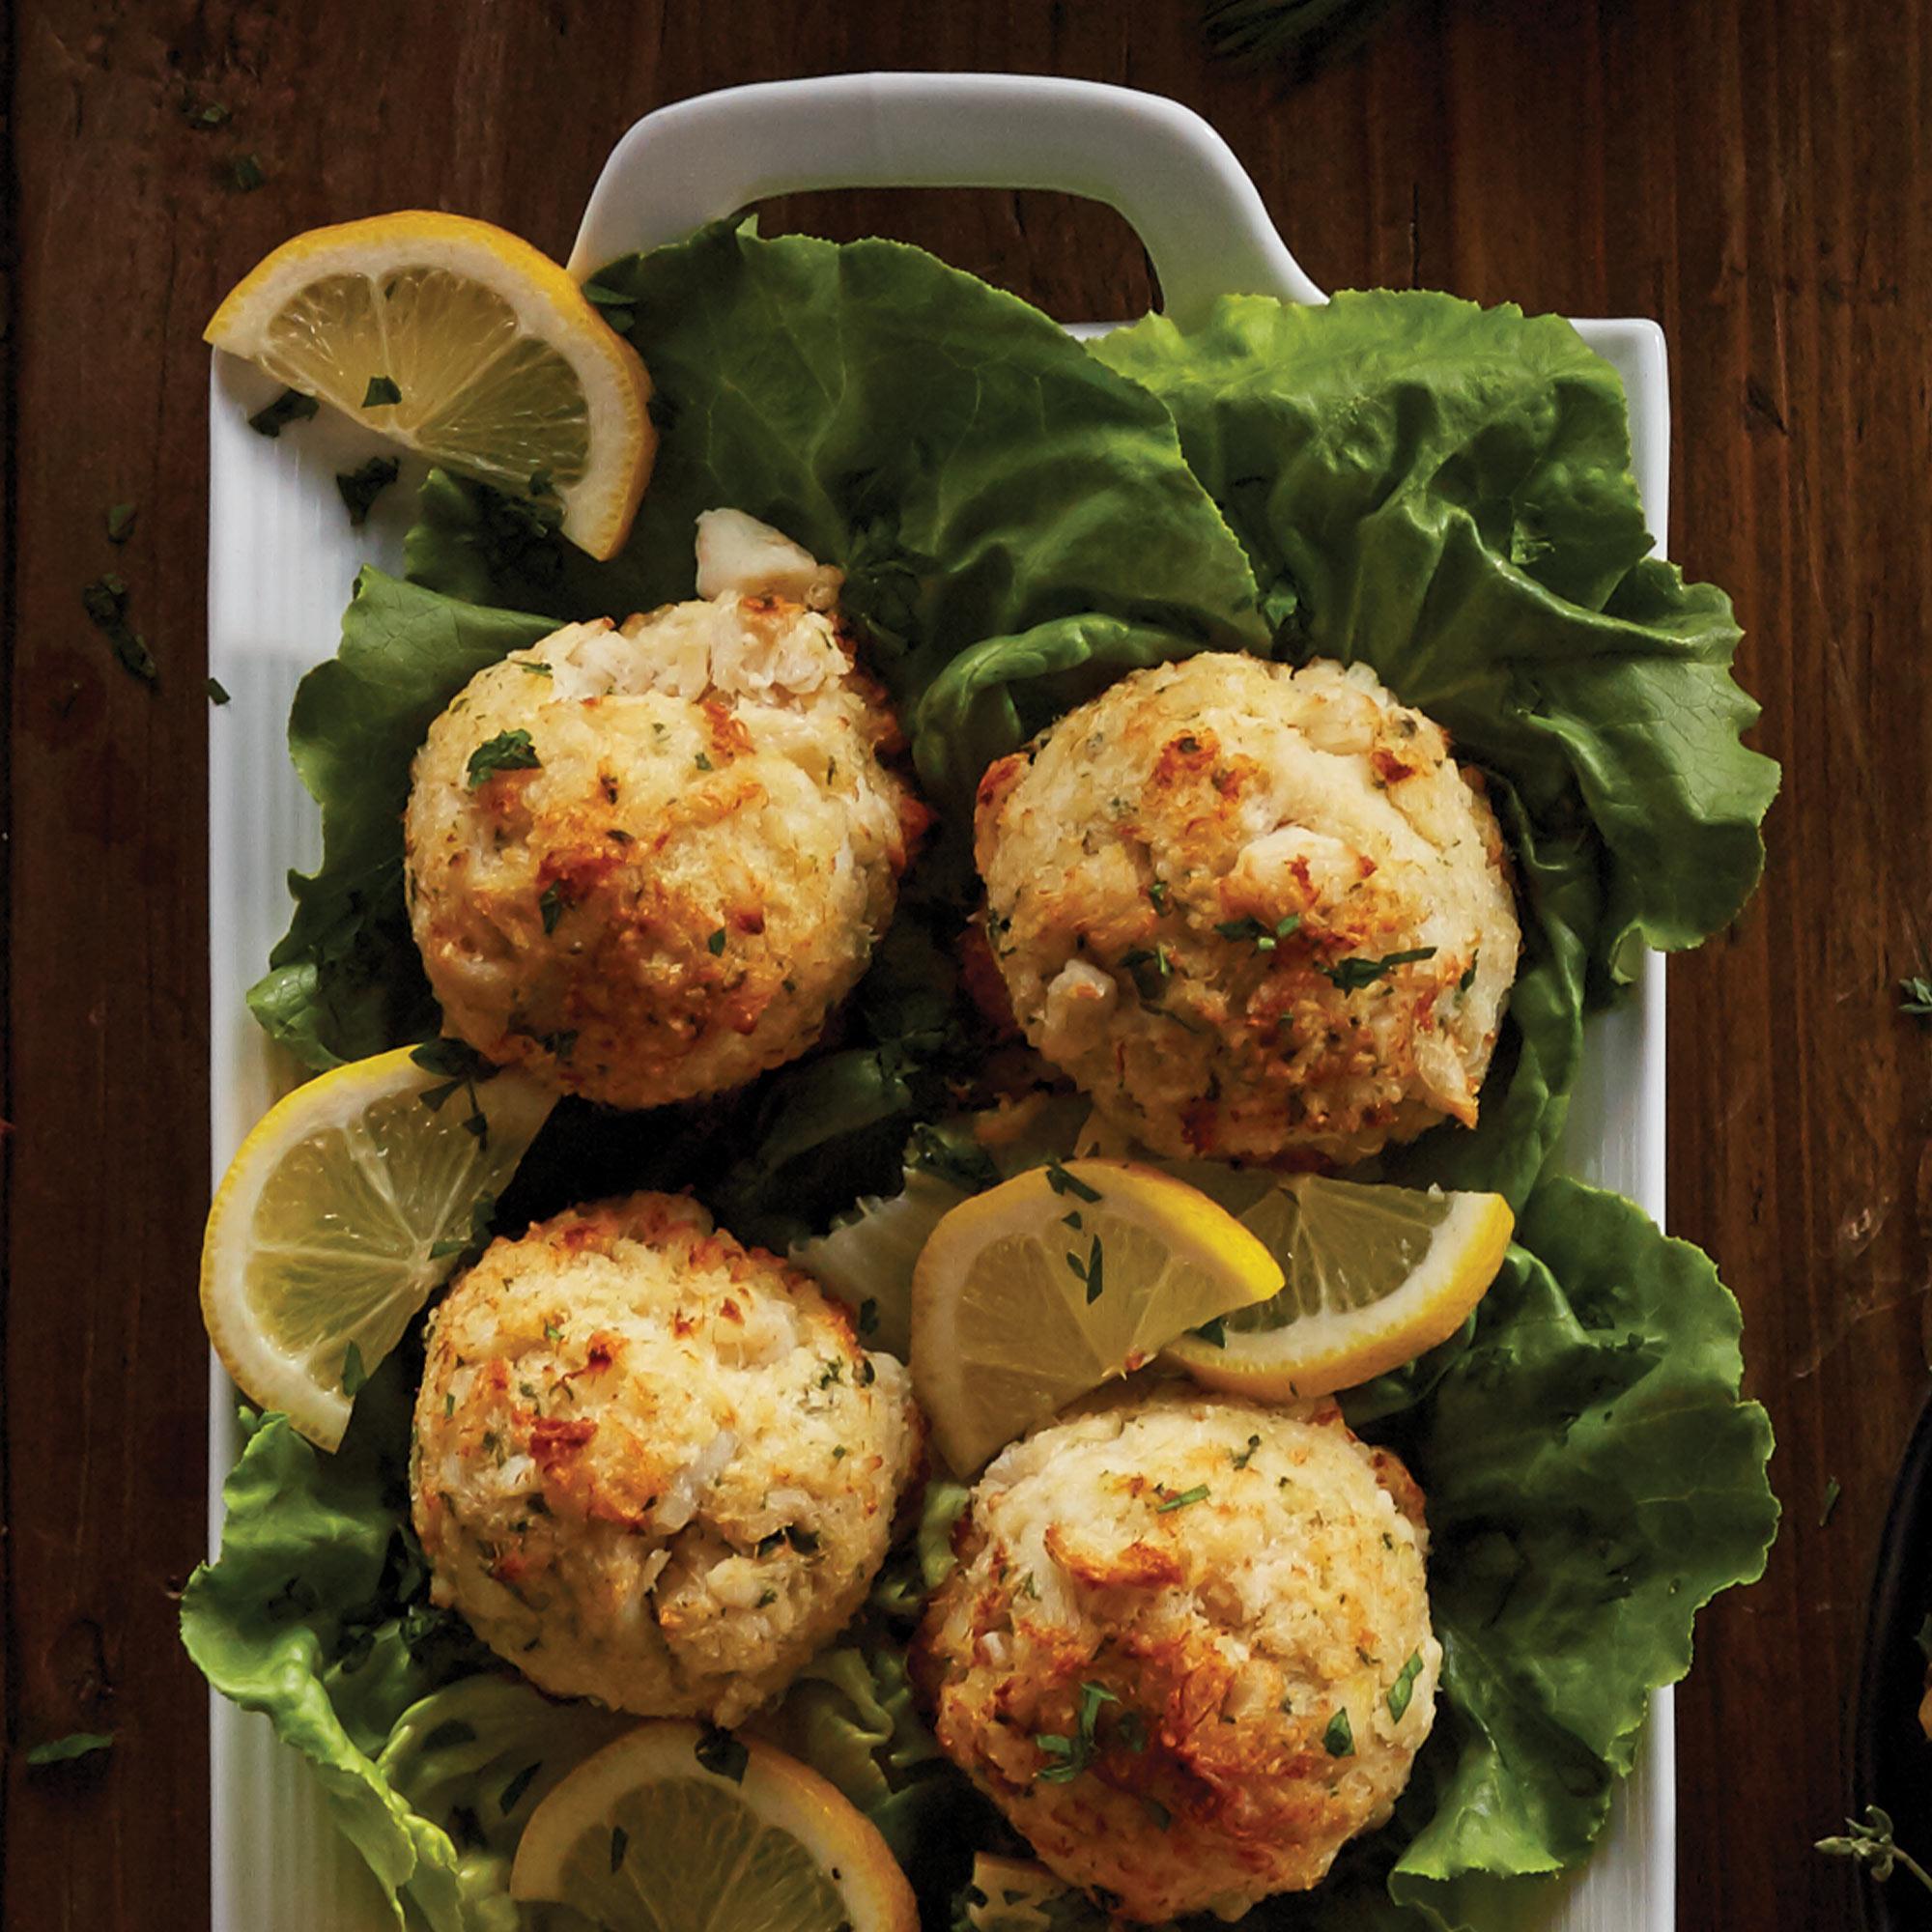 12(3 oz) Pfaelzer Brothers Maryland Style Crab Cakes